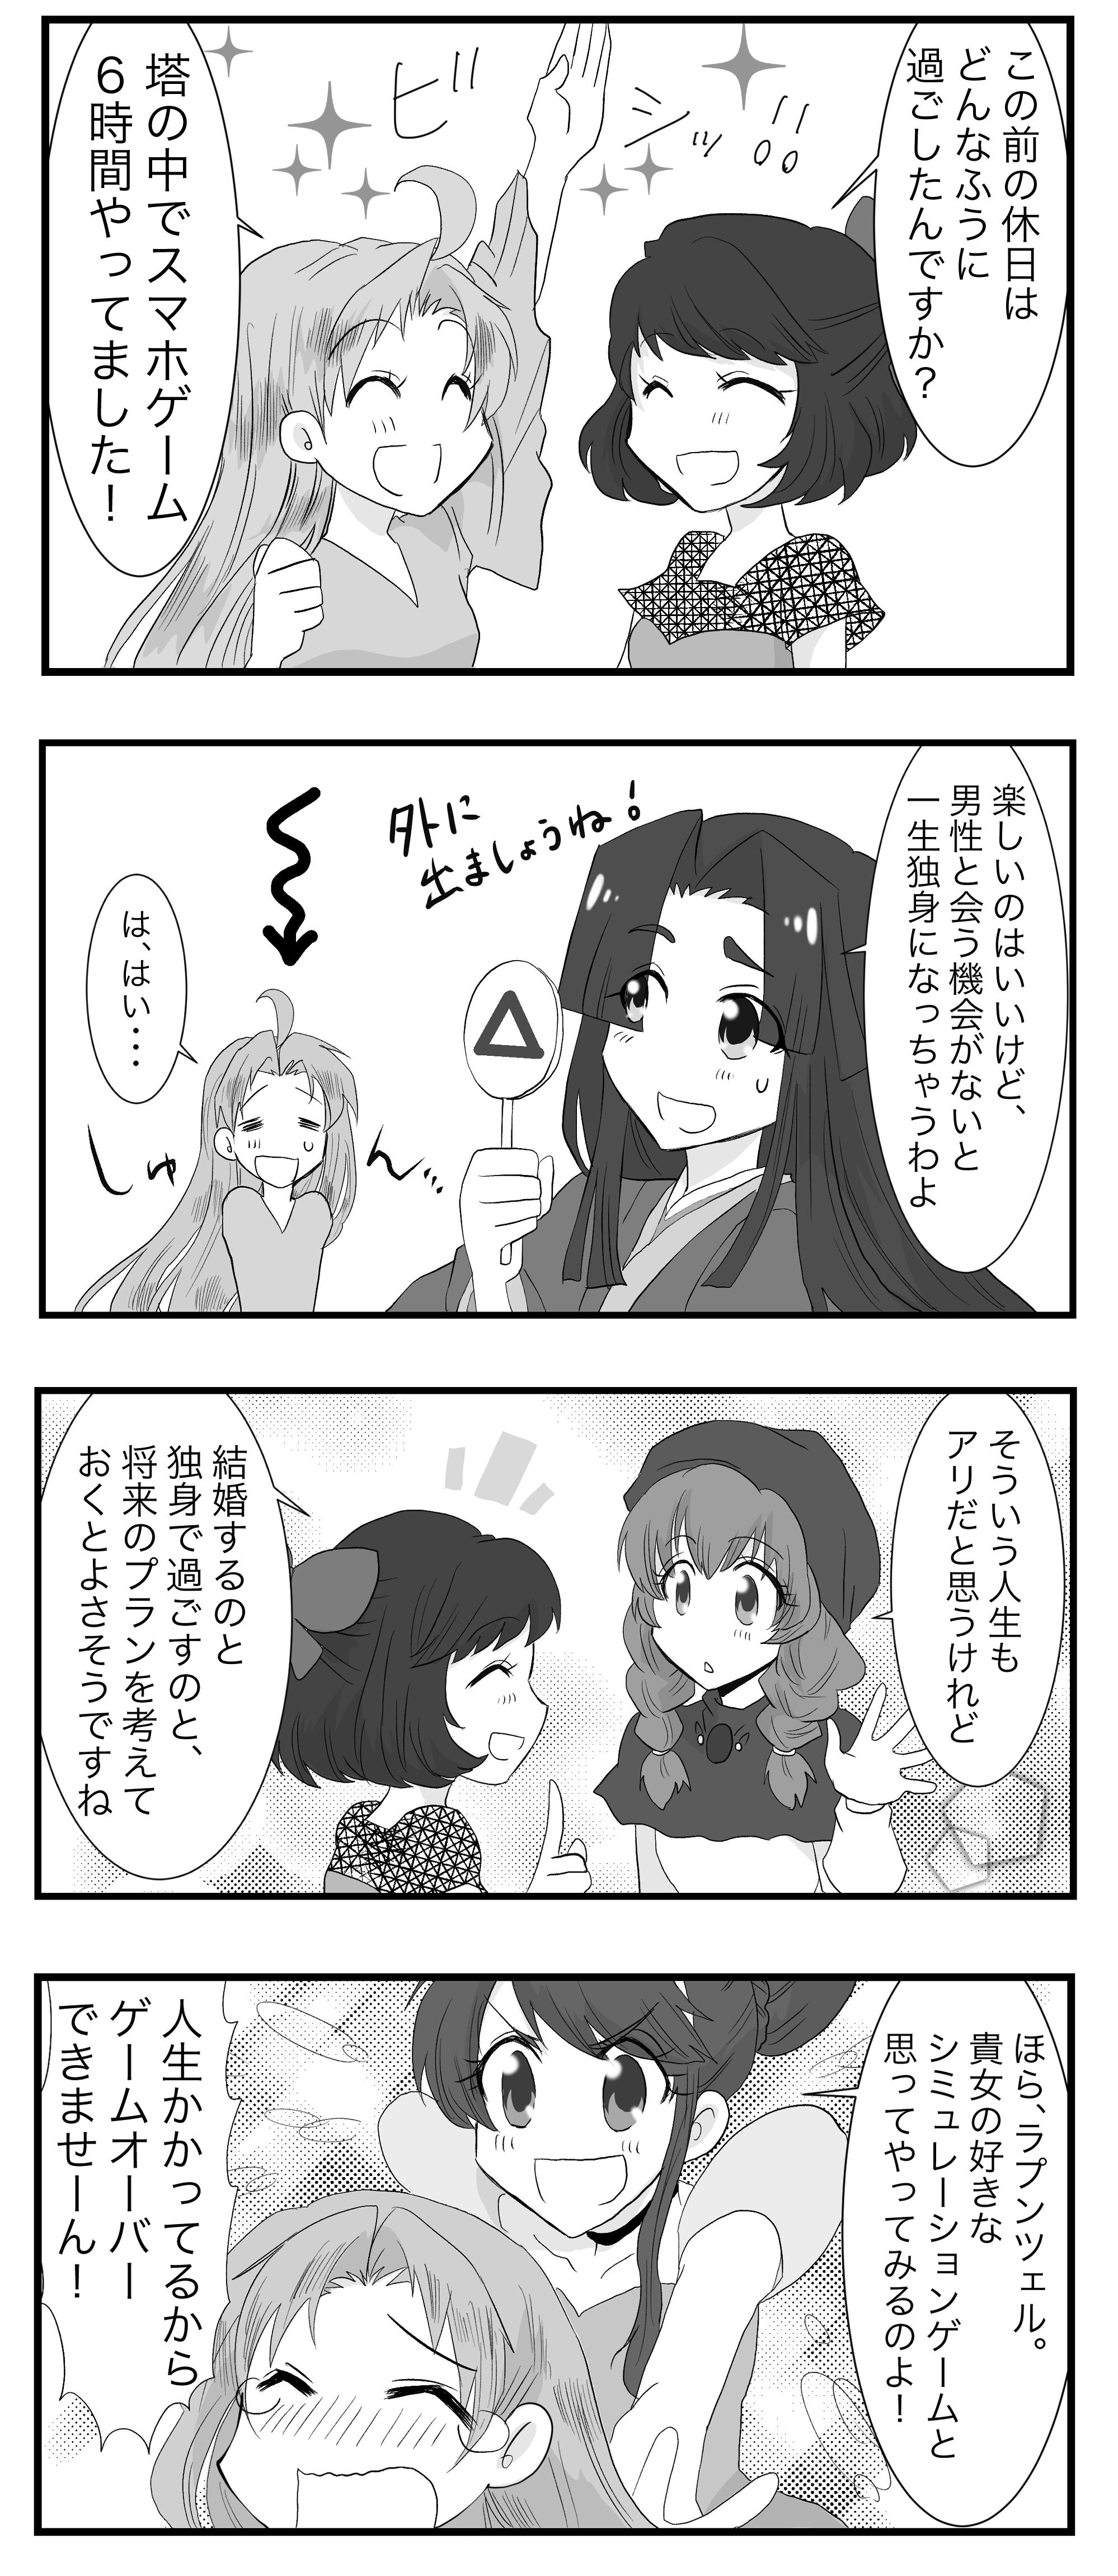 【婚活漫画】恋愛経験がないラプンツェル②